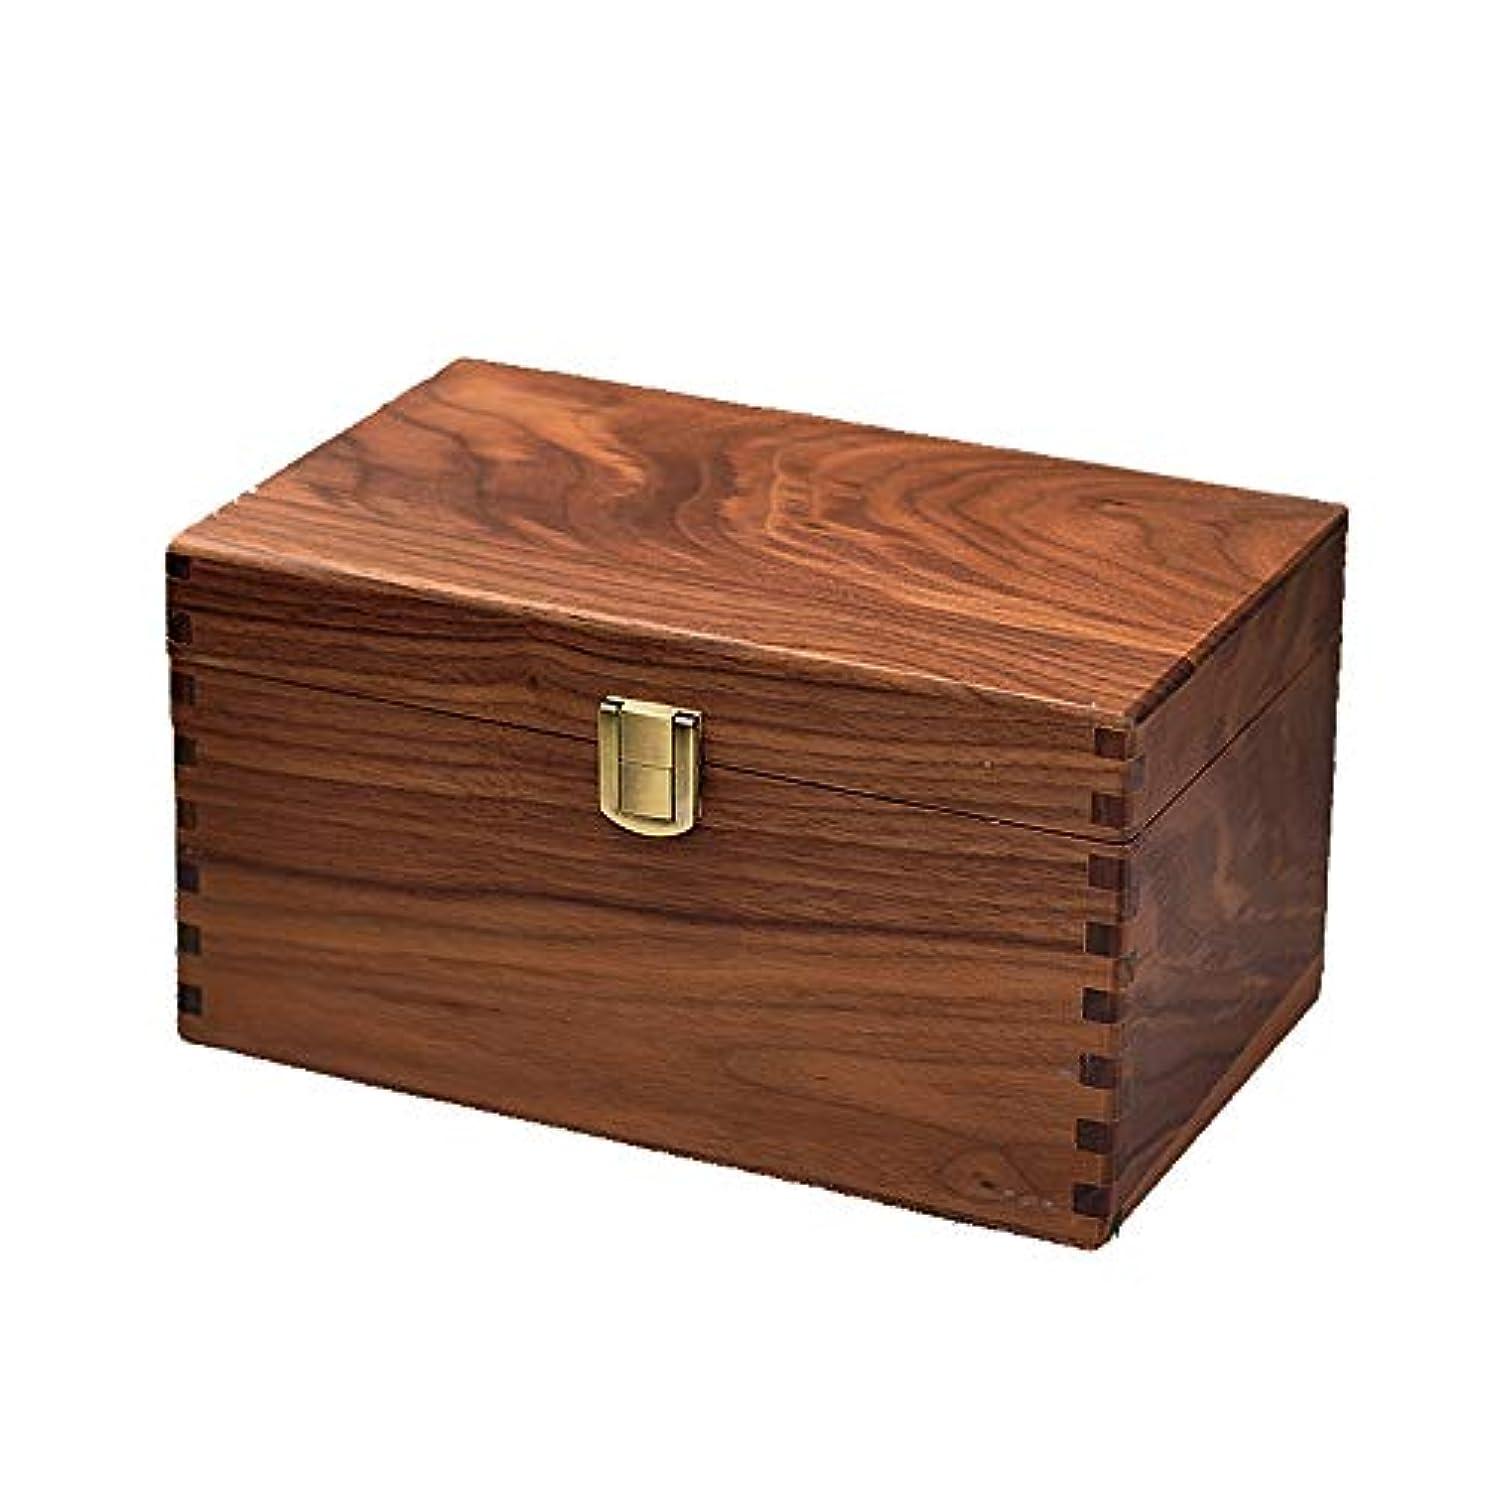 追放するソーシャルインターネット手作りの装飾的な木のエッセンシャルオイルボックスオーガナイザージュエリーボックスパーフェクトエッセンシャルオイルケース アロマセラピー製品 (色 : Natural, サイズ : 24.5X15.5X13CM)